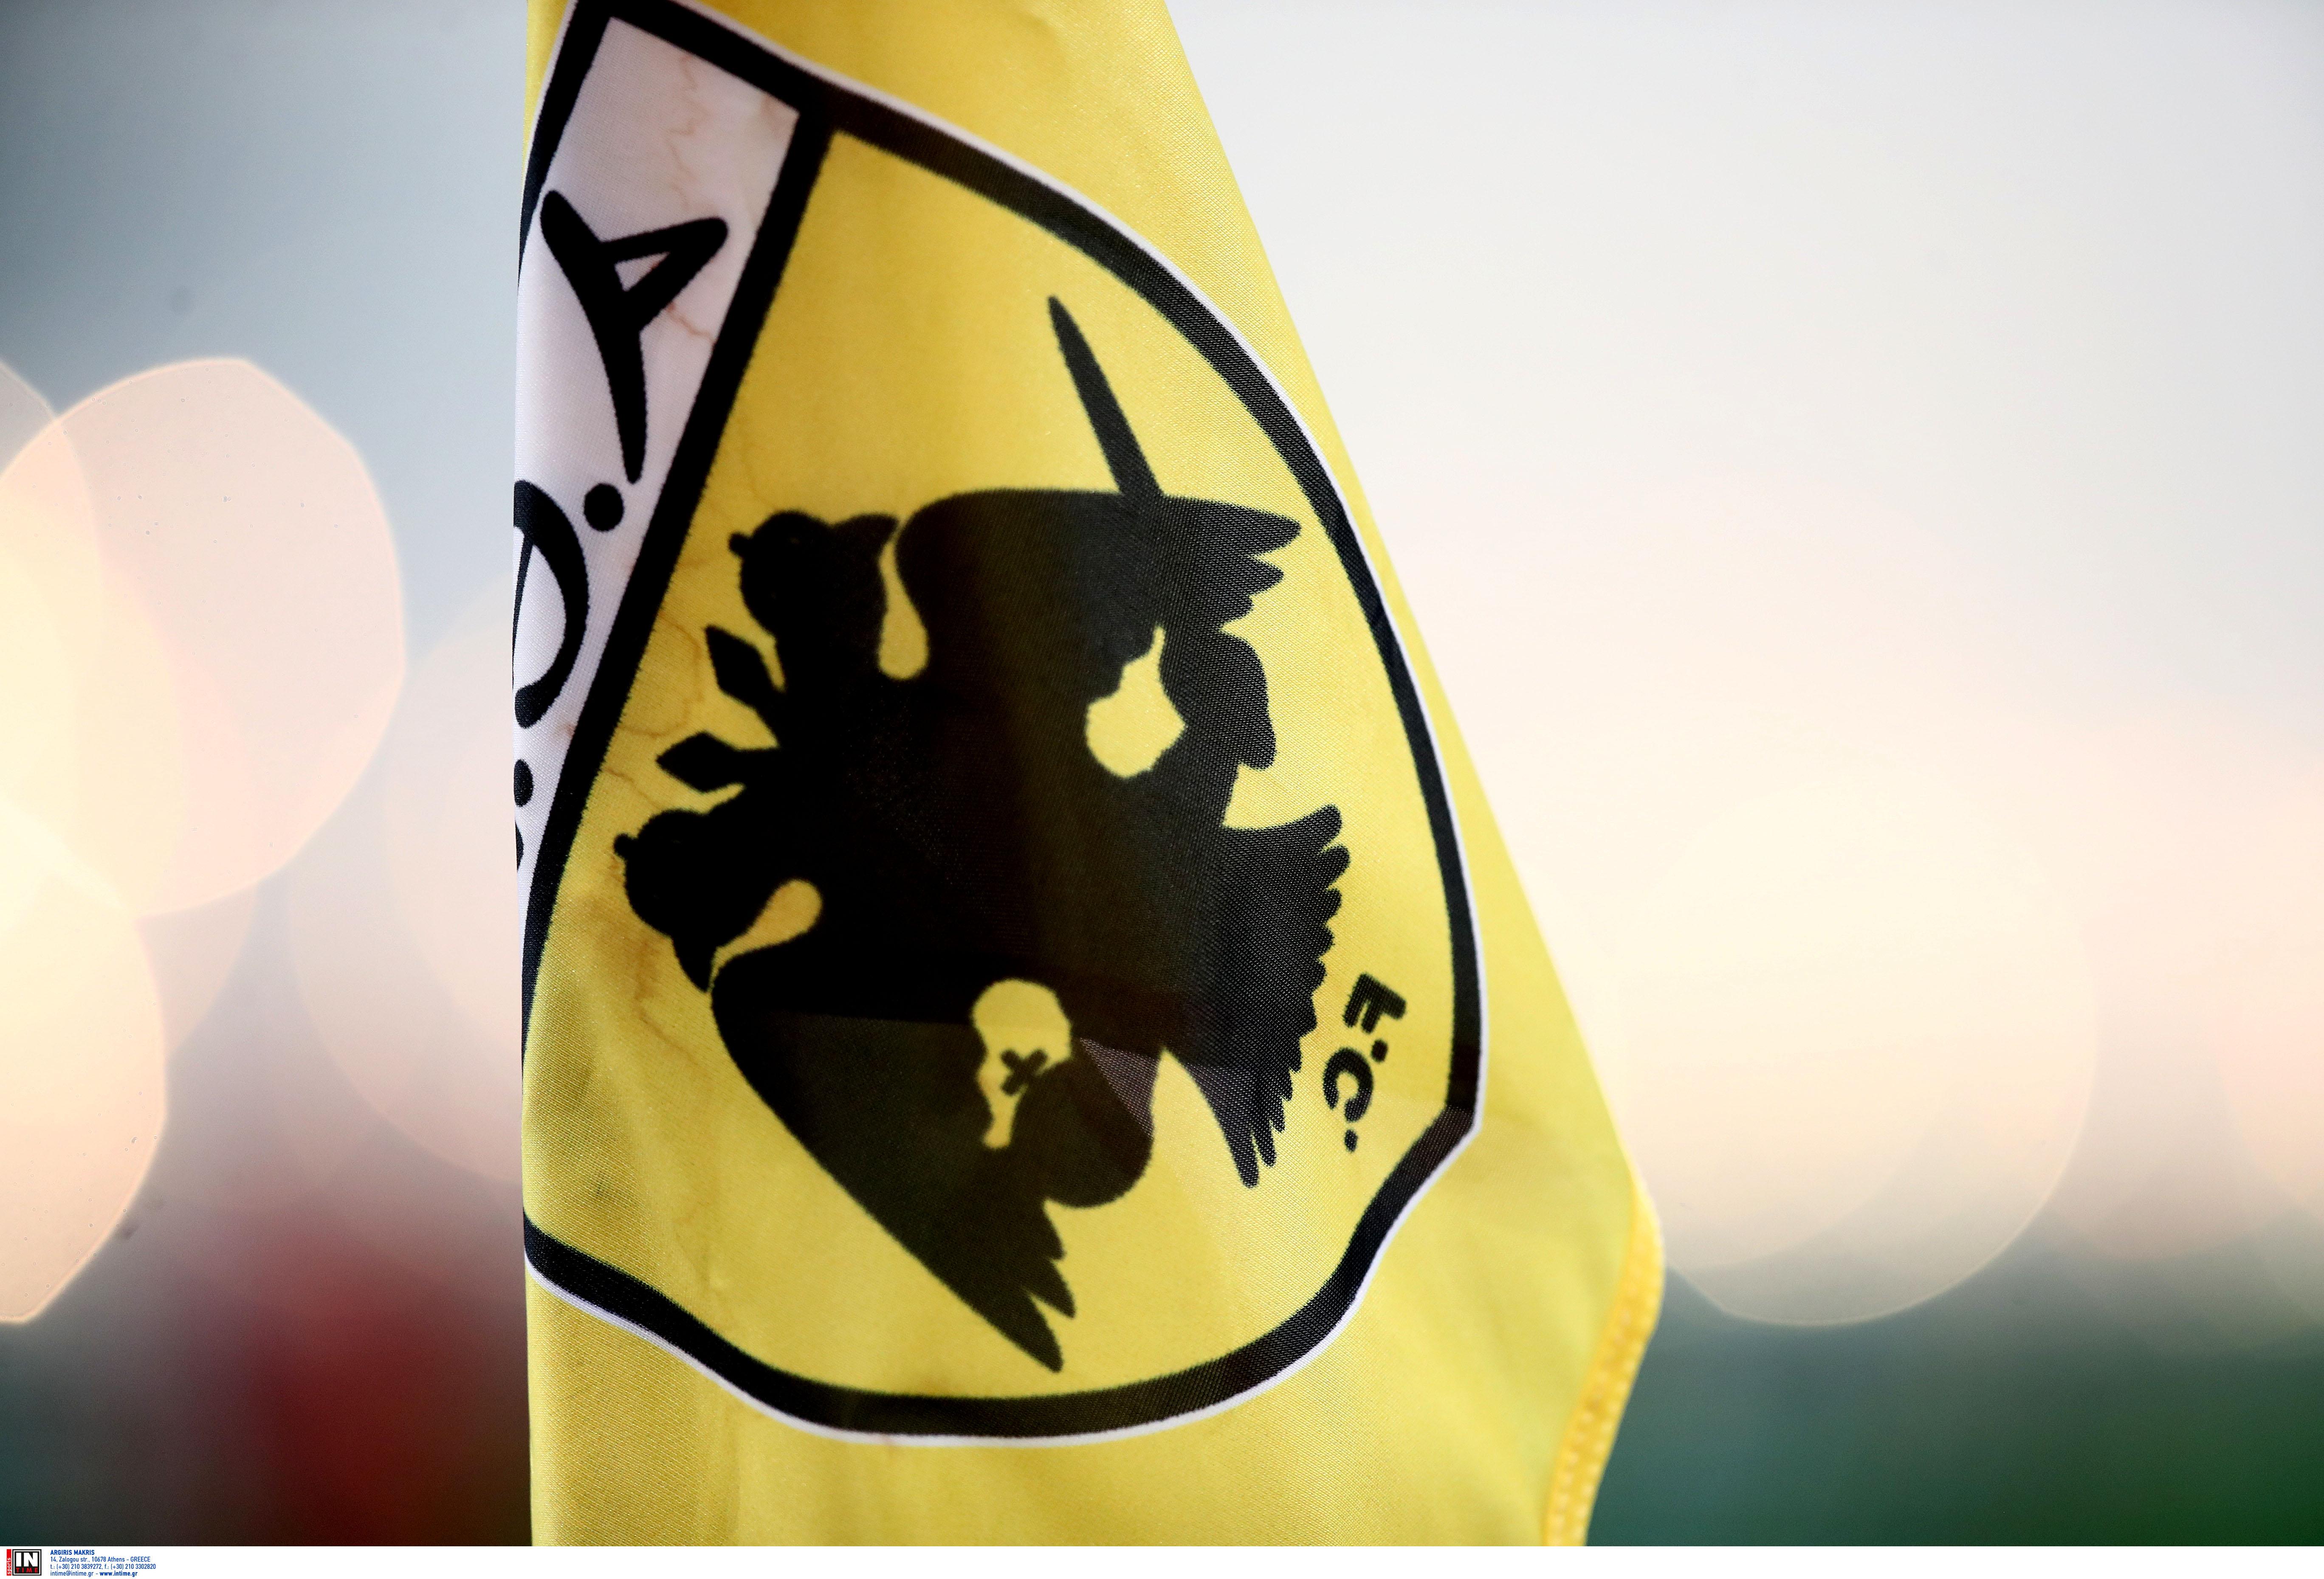 H AEK αποκλείει το ενδεχόμενο απόκτησης στόπερ τον Ιανουάριο